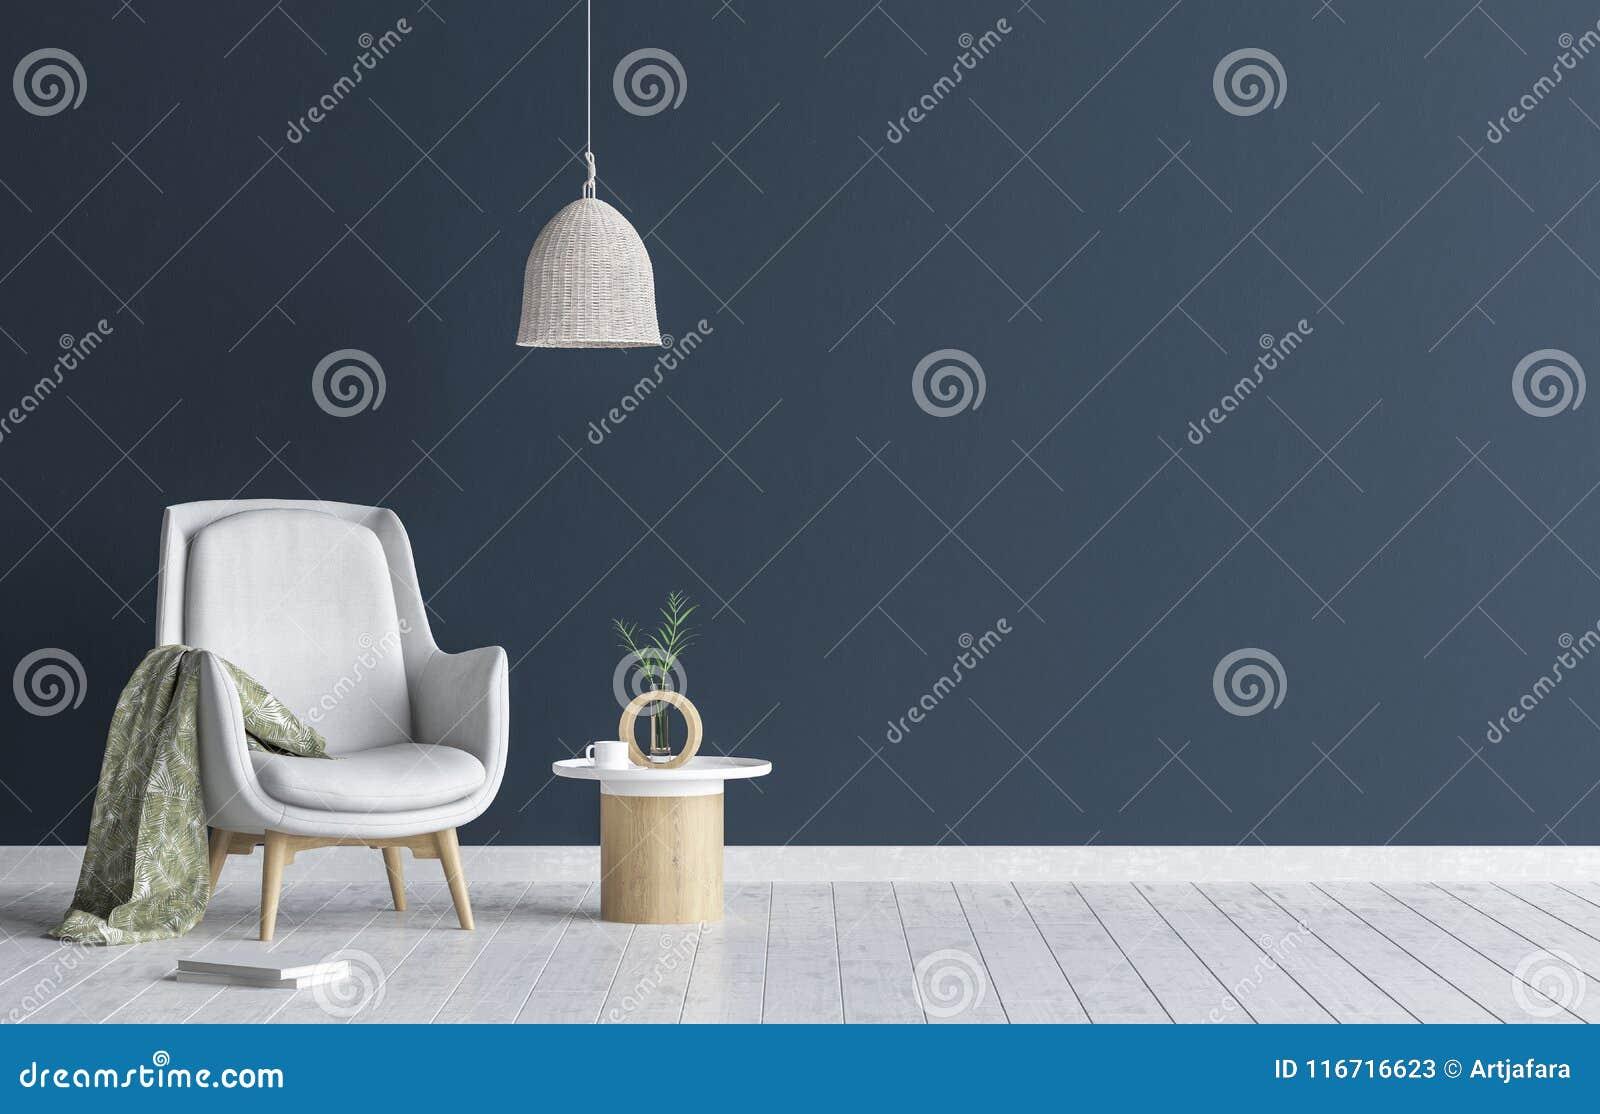 Cadeira com lâmpada e mesa de centro no interior da sala de visitas, obscuridade - zombaria azul da parede acima do fundo